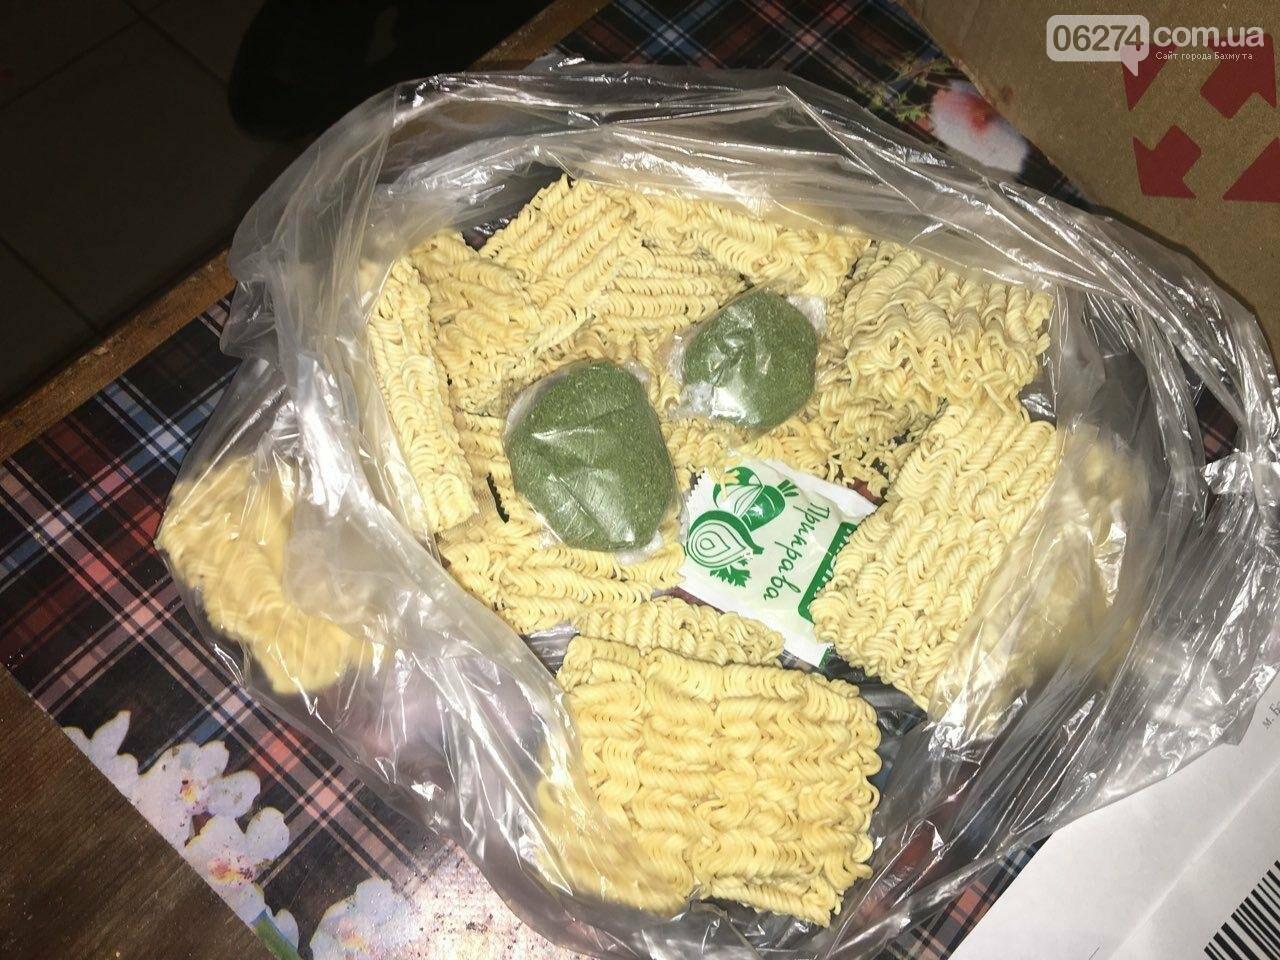 Наркотики «быстрого приготовления» нашли в Бахмутском СИЗО, фото-1